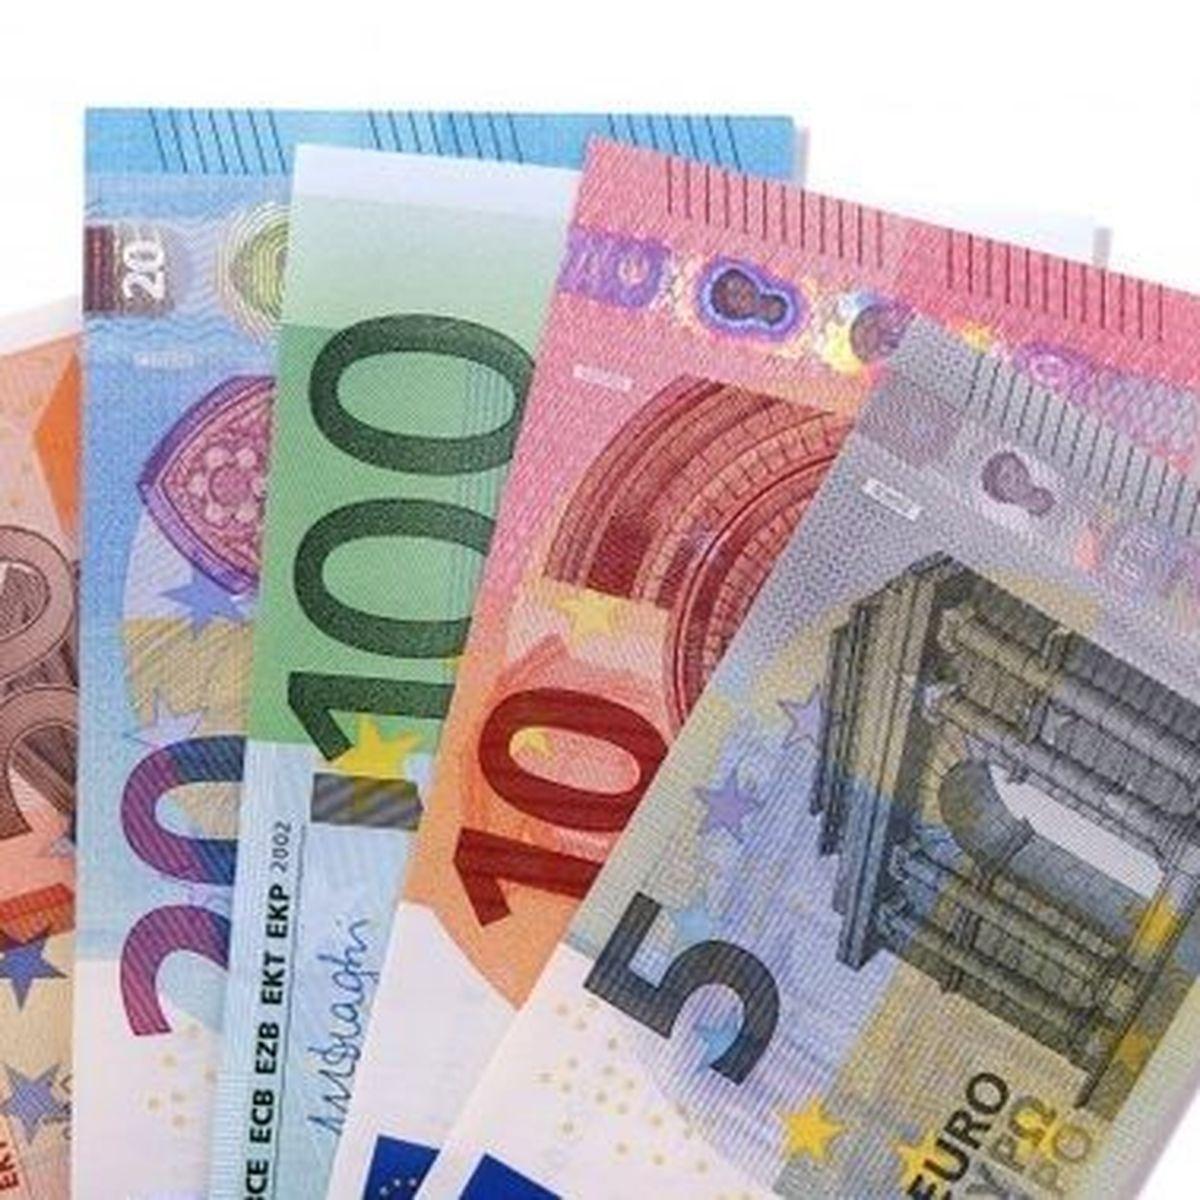 Tarifs bancaires : fortes disparités d'une banque à l'autre et de l'hexagone à l'outre-mer !